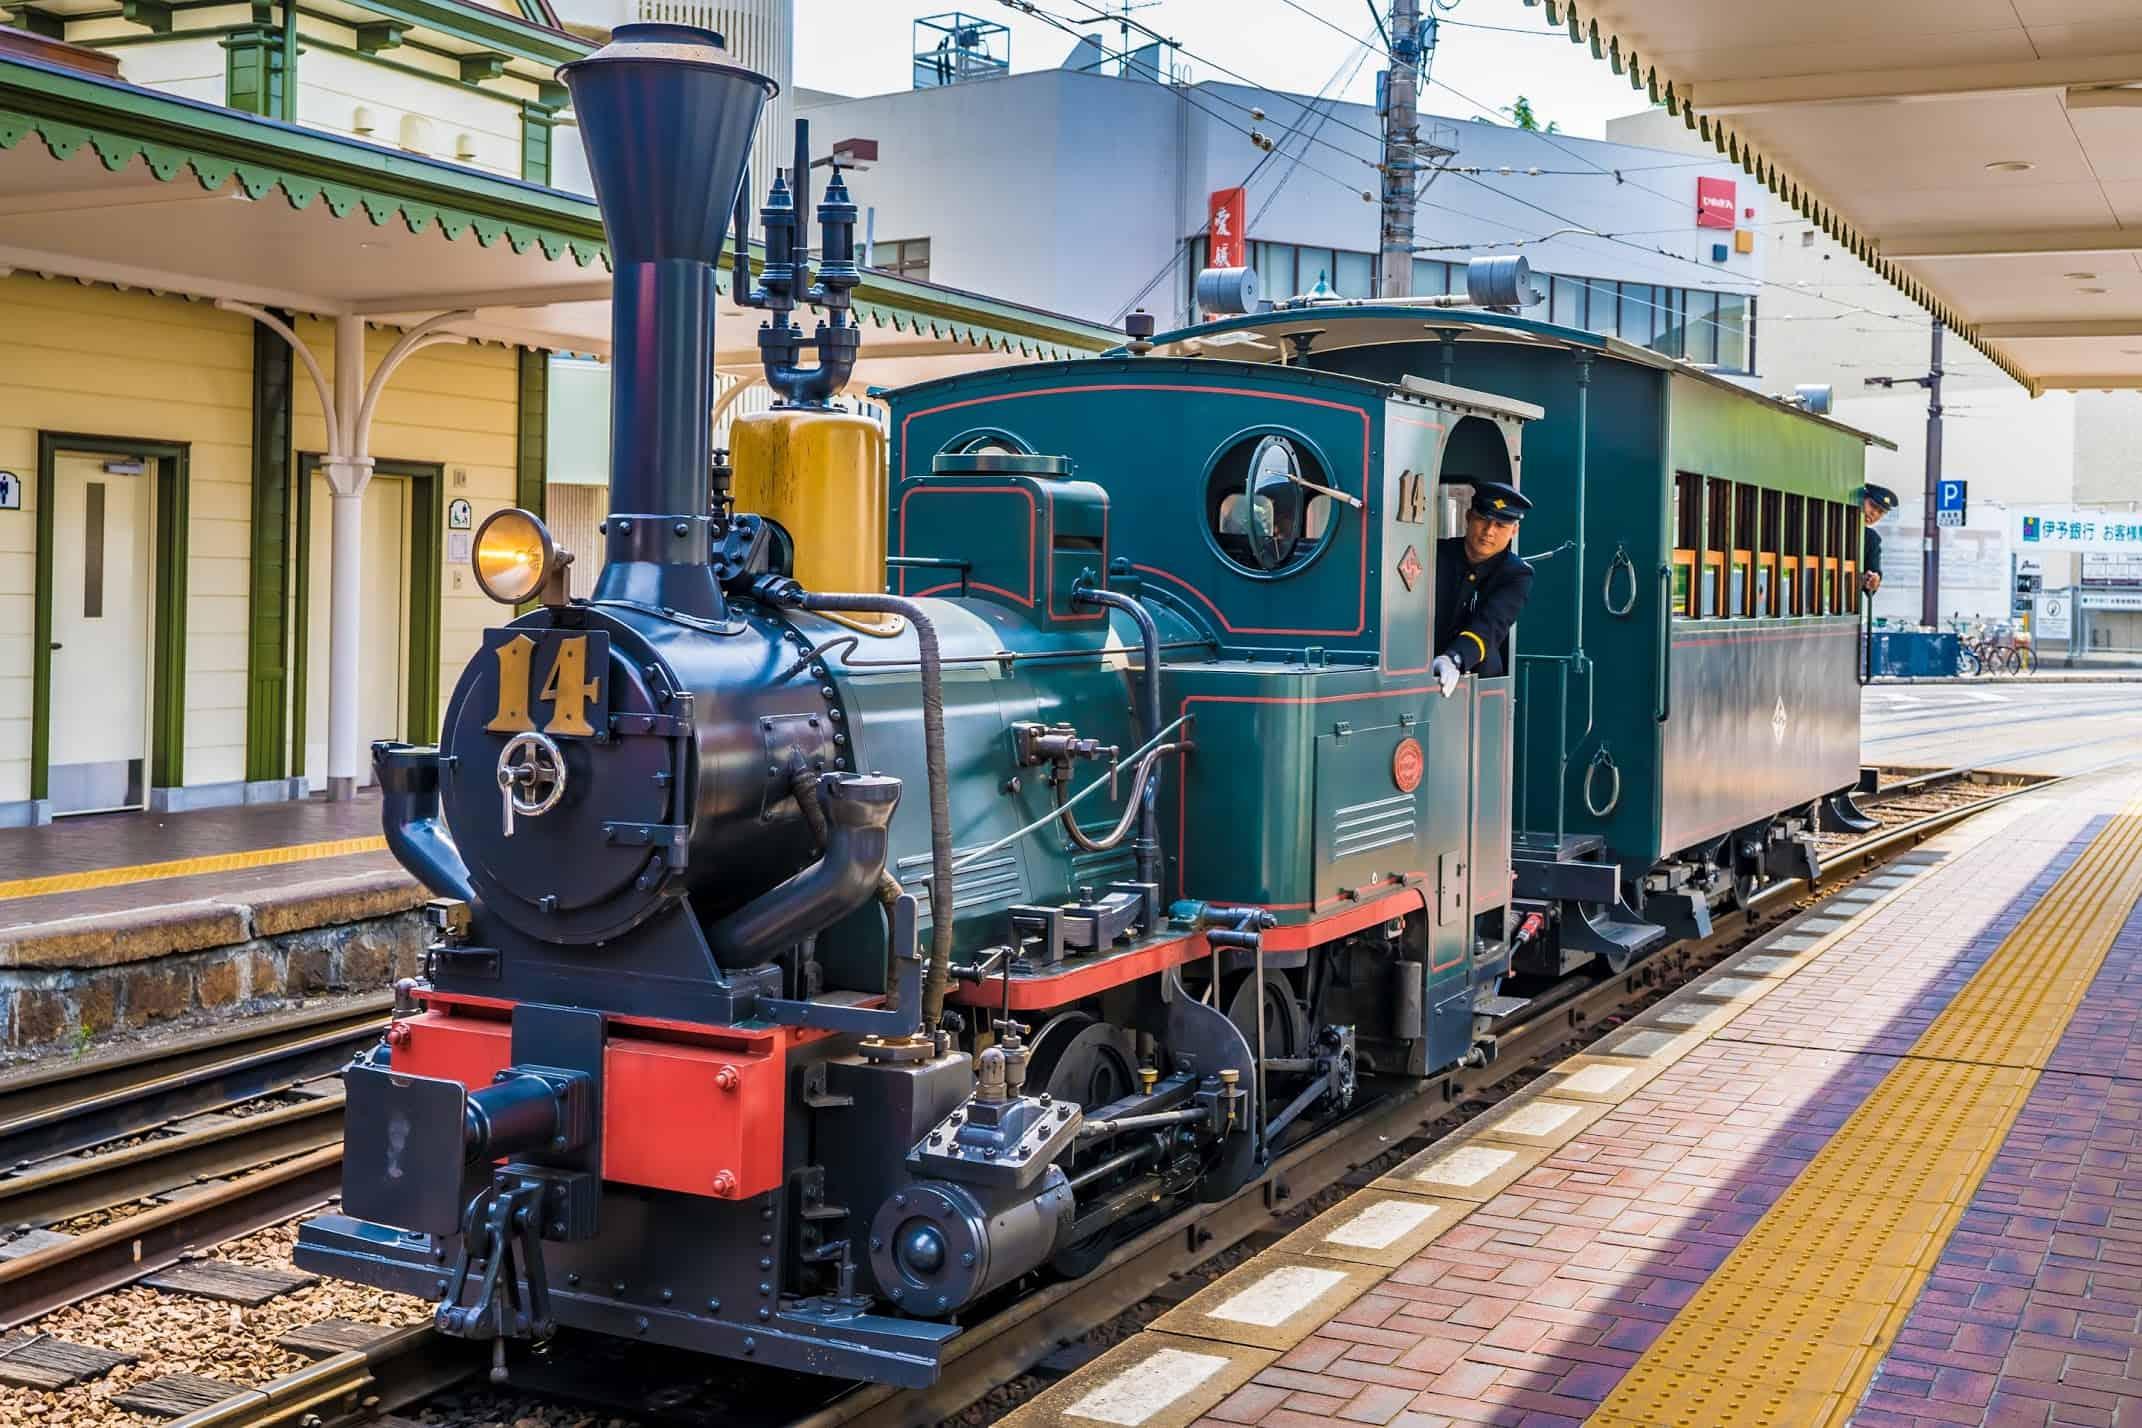 รถราง ใน ญี่ปุ่น : บ๊ตจัง (Botchan Train)